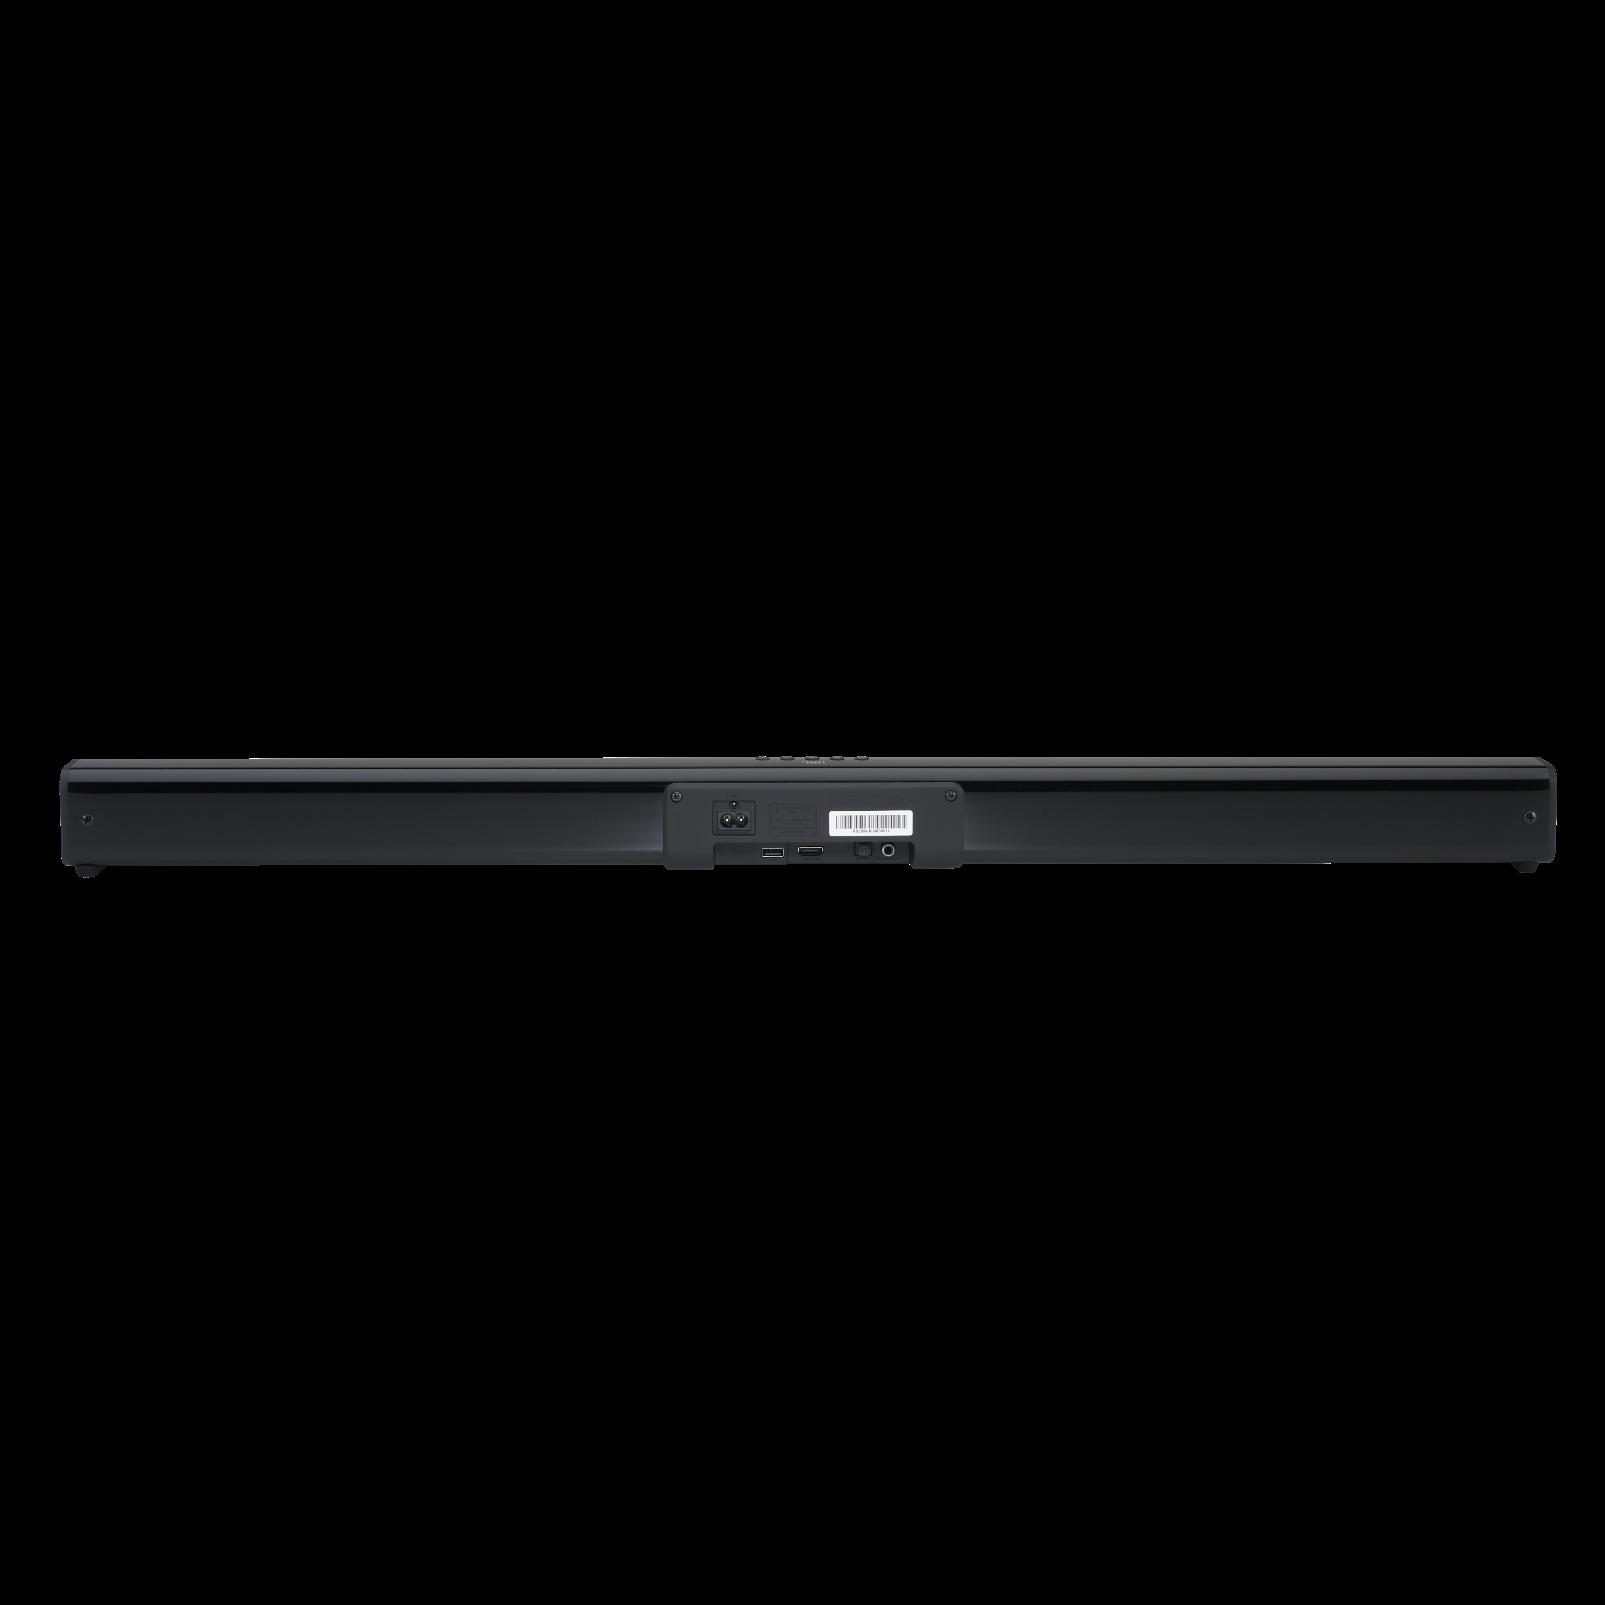 JBL Cinema SB160 - Black - 2.1 Channel soundbar with wireless subwoofer - Detailshot 3